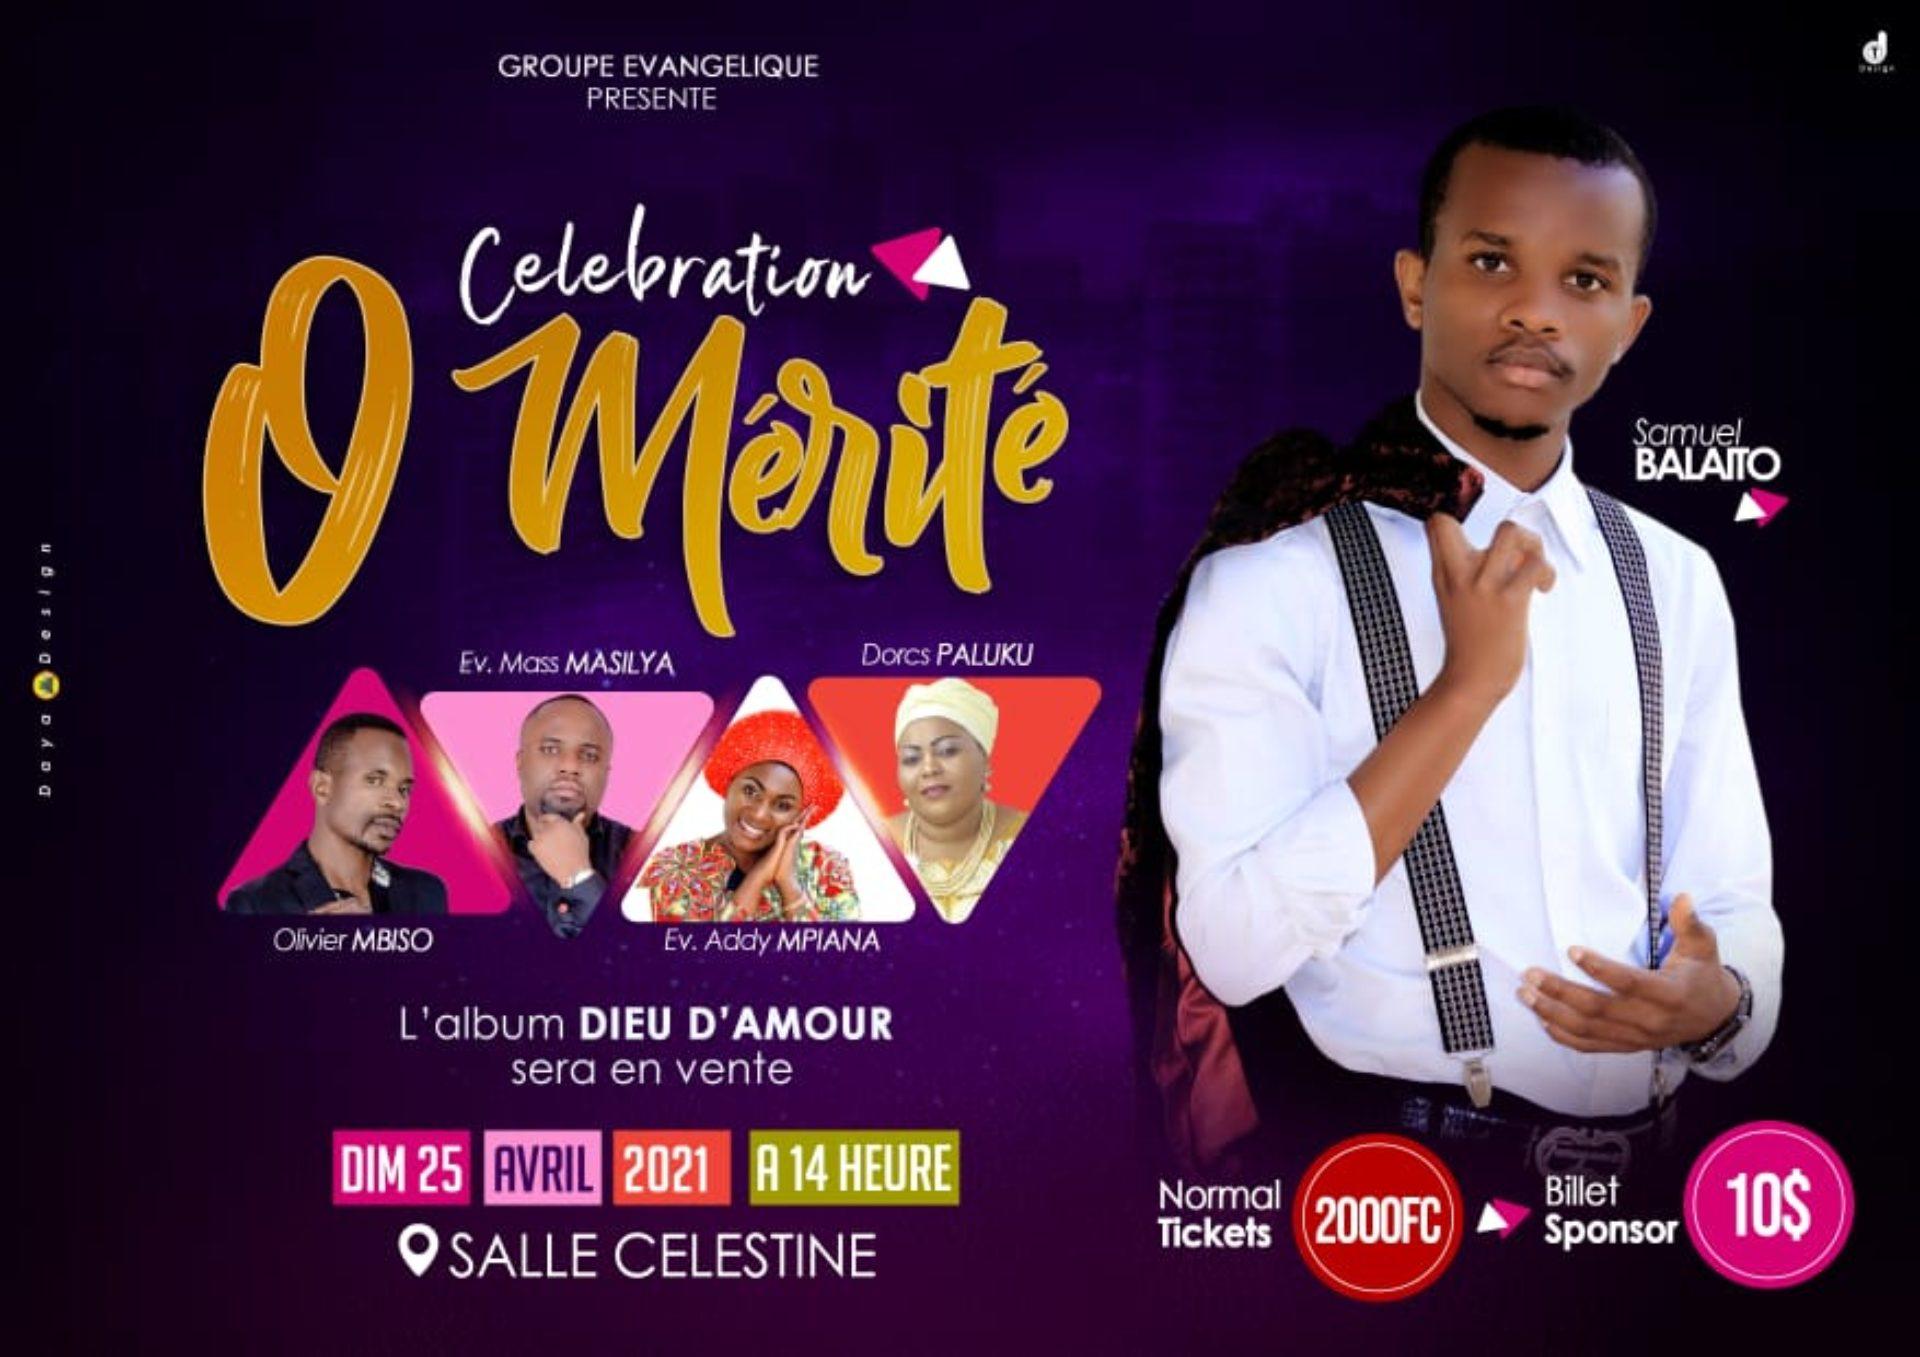 """Bukavu : Samuel BALAITO en concert """"Célébration 0 Mérité"""" ce dimanche 25 Avril 2021 dans la salle CELESTINE"""